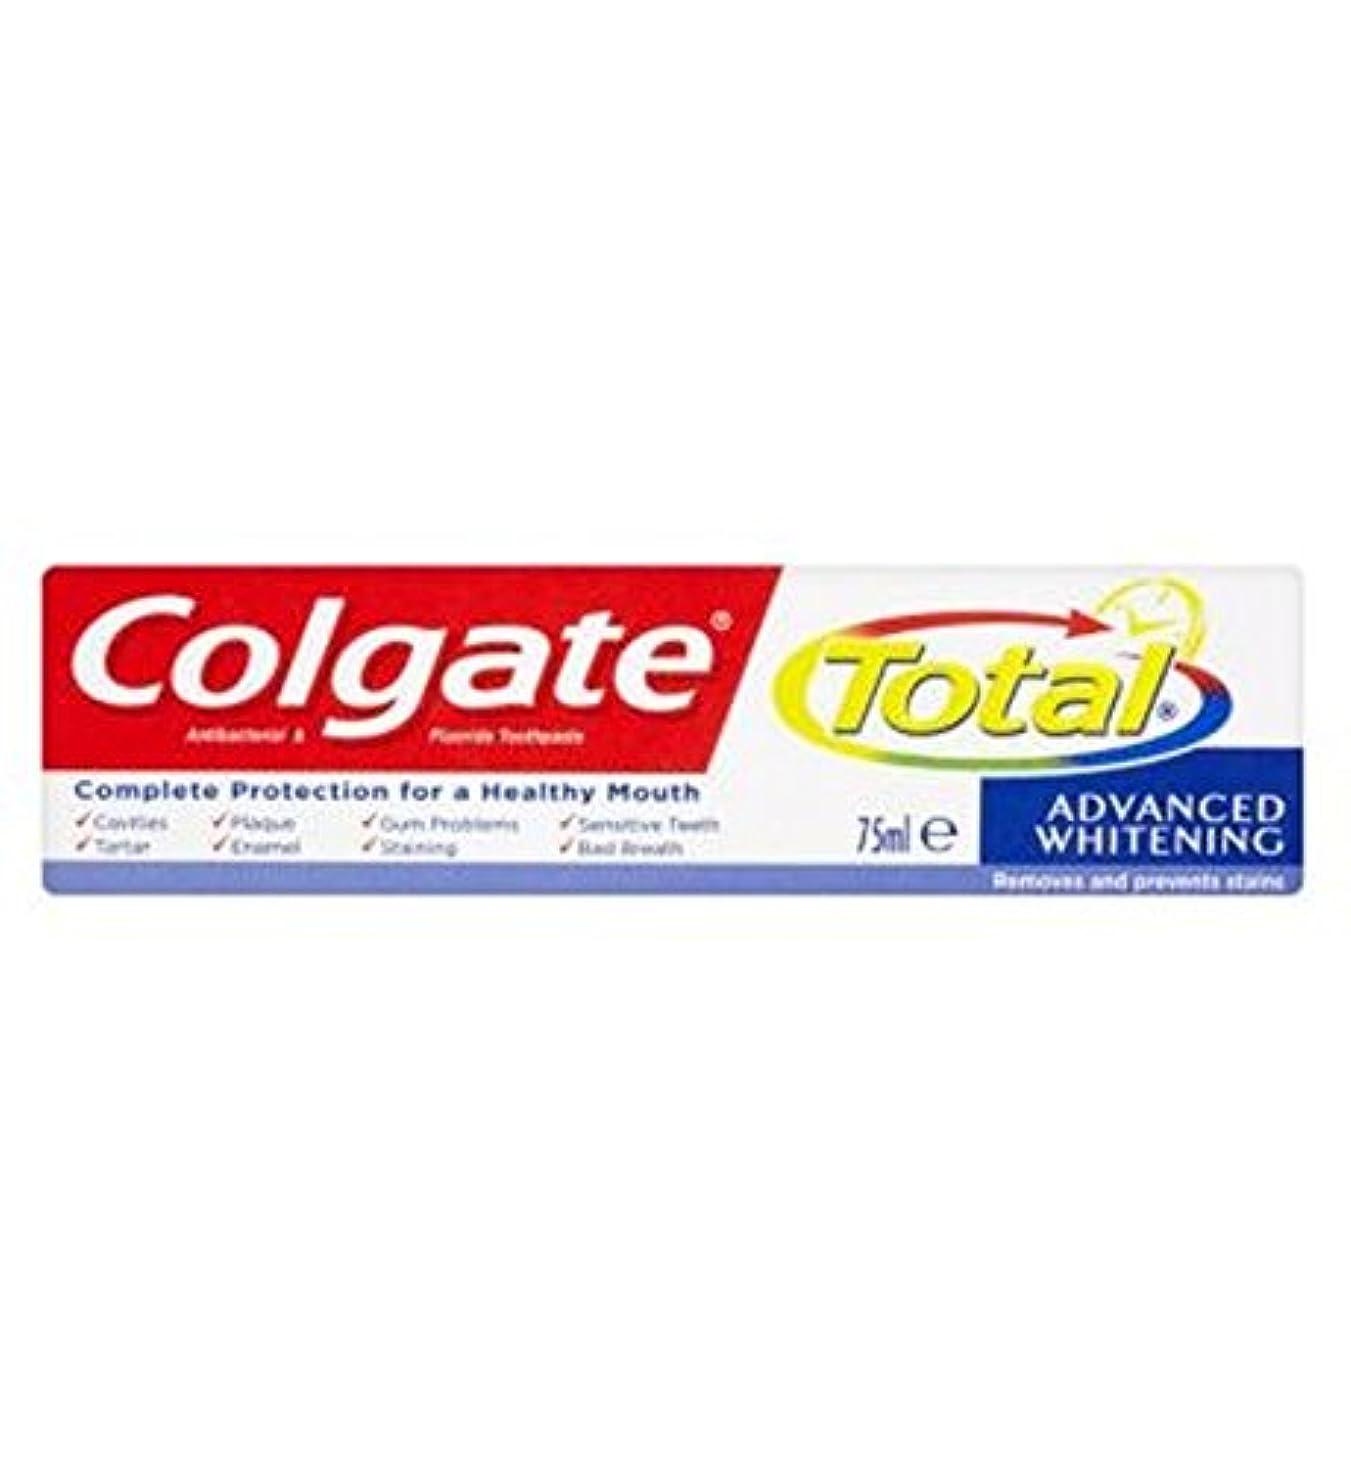 ペース識別一部Colgate Total Advanced Whitening toothpaste 75ml - コルゲートトータル高度なホワイトニング歯磨き粉75ミリリットル (Colgate) [並行輸入品]